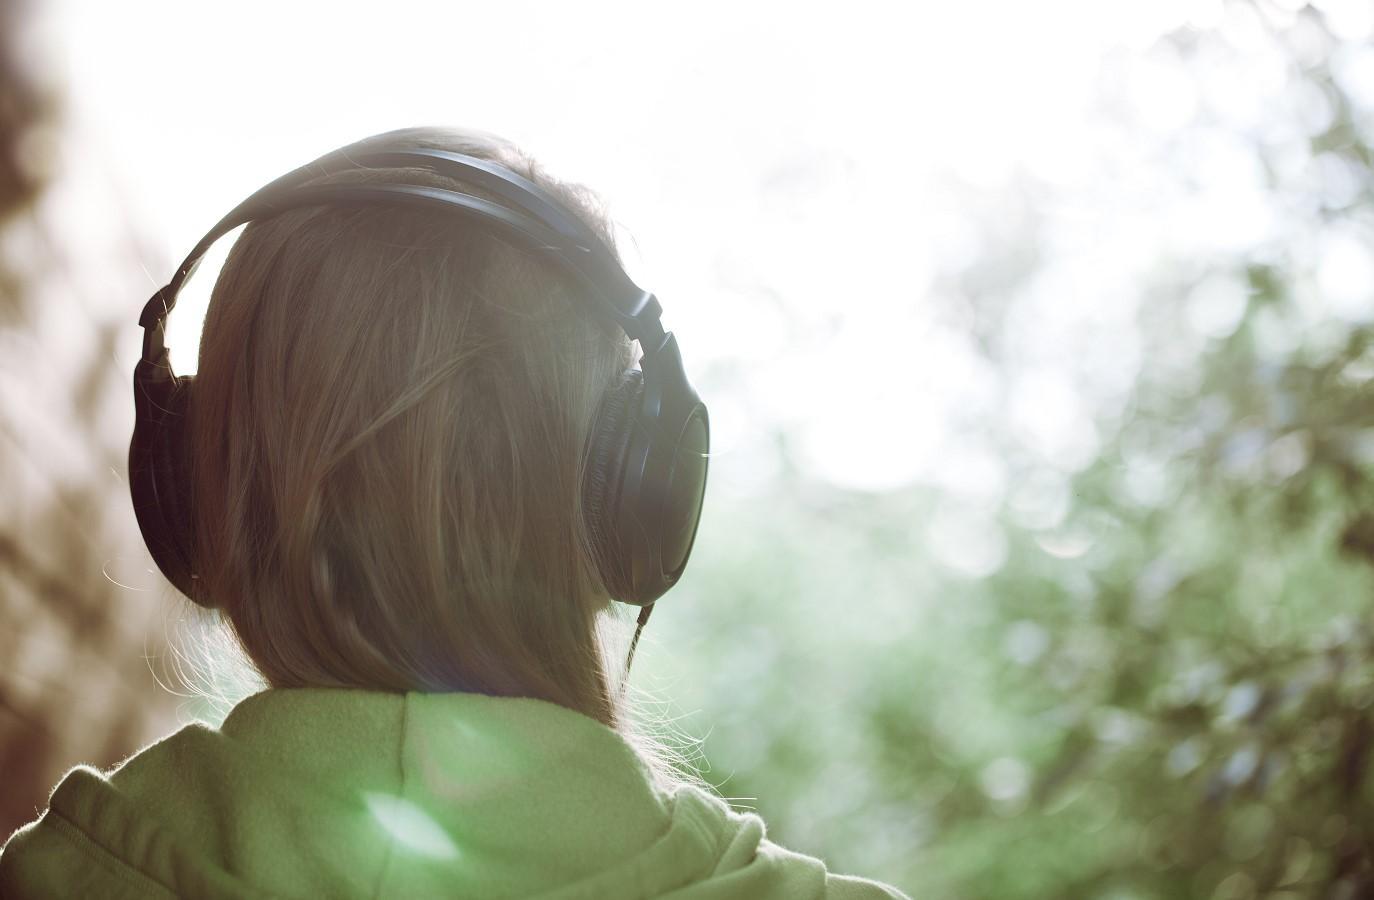 Headphones by Storyblocks.jpg